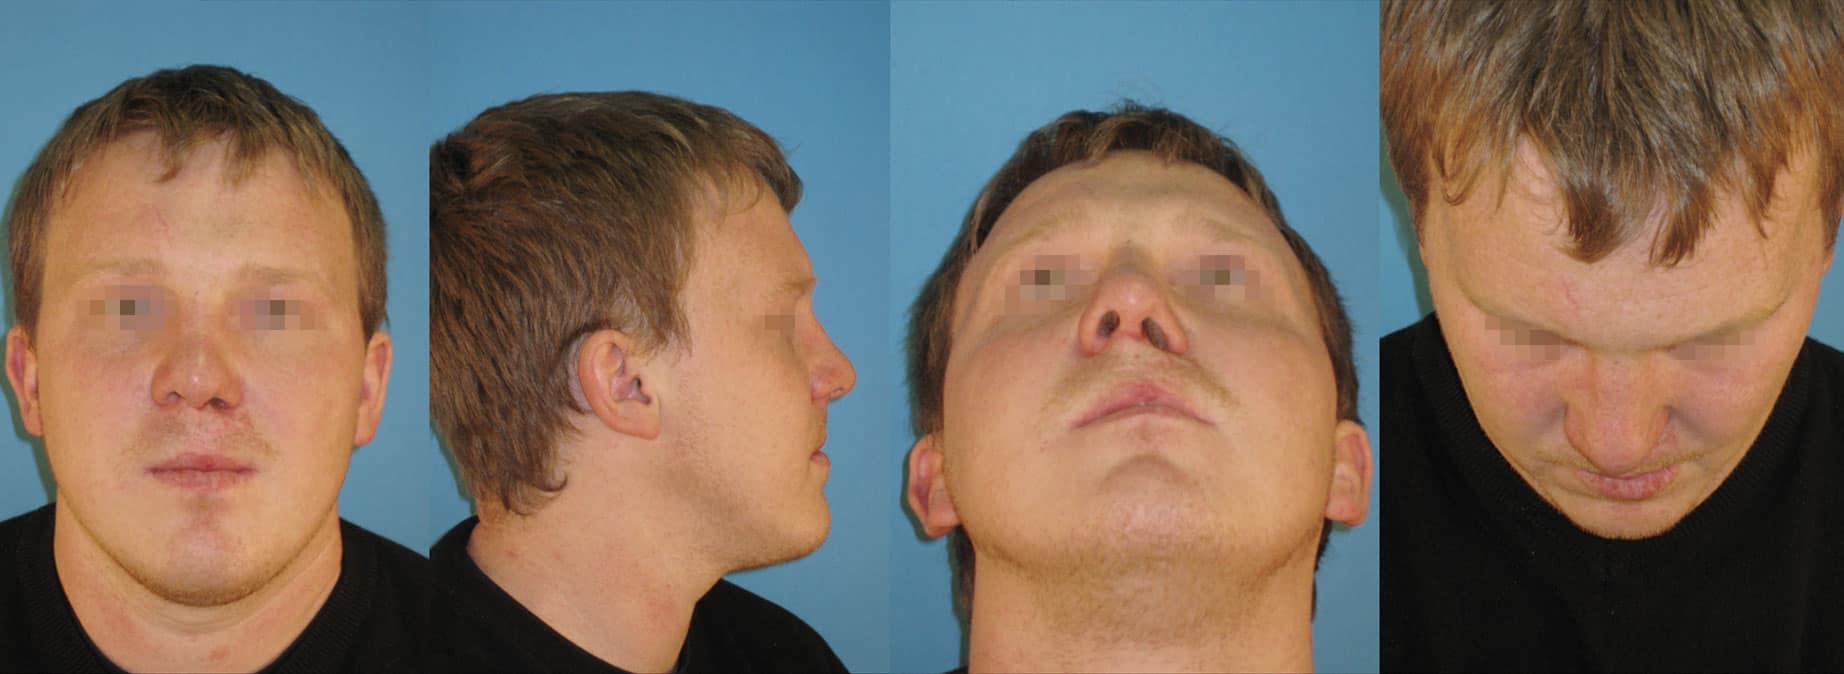 Rhinoplastik, Ästhetische Nasenkorrekturen, Spaltnasenkorrekturen